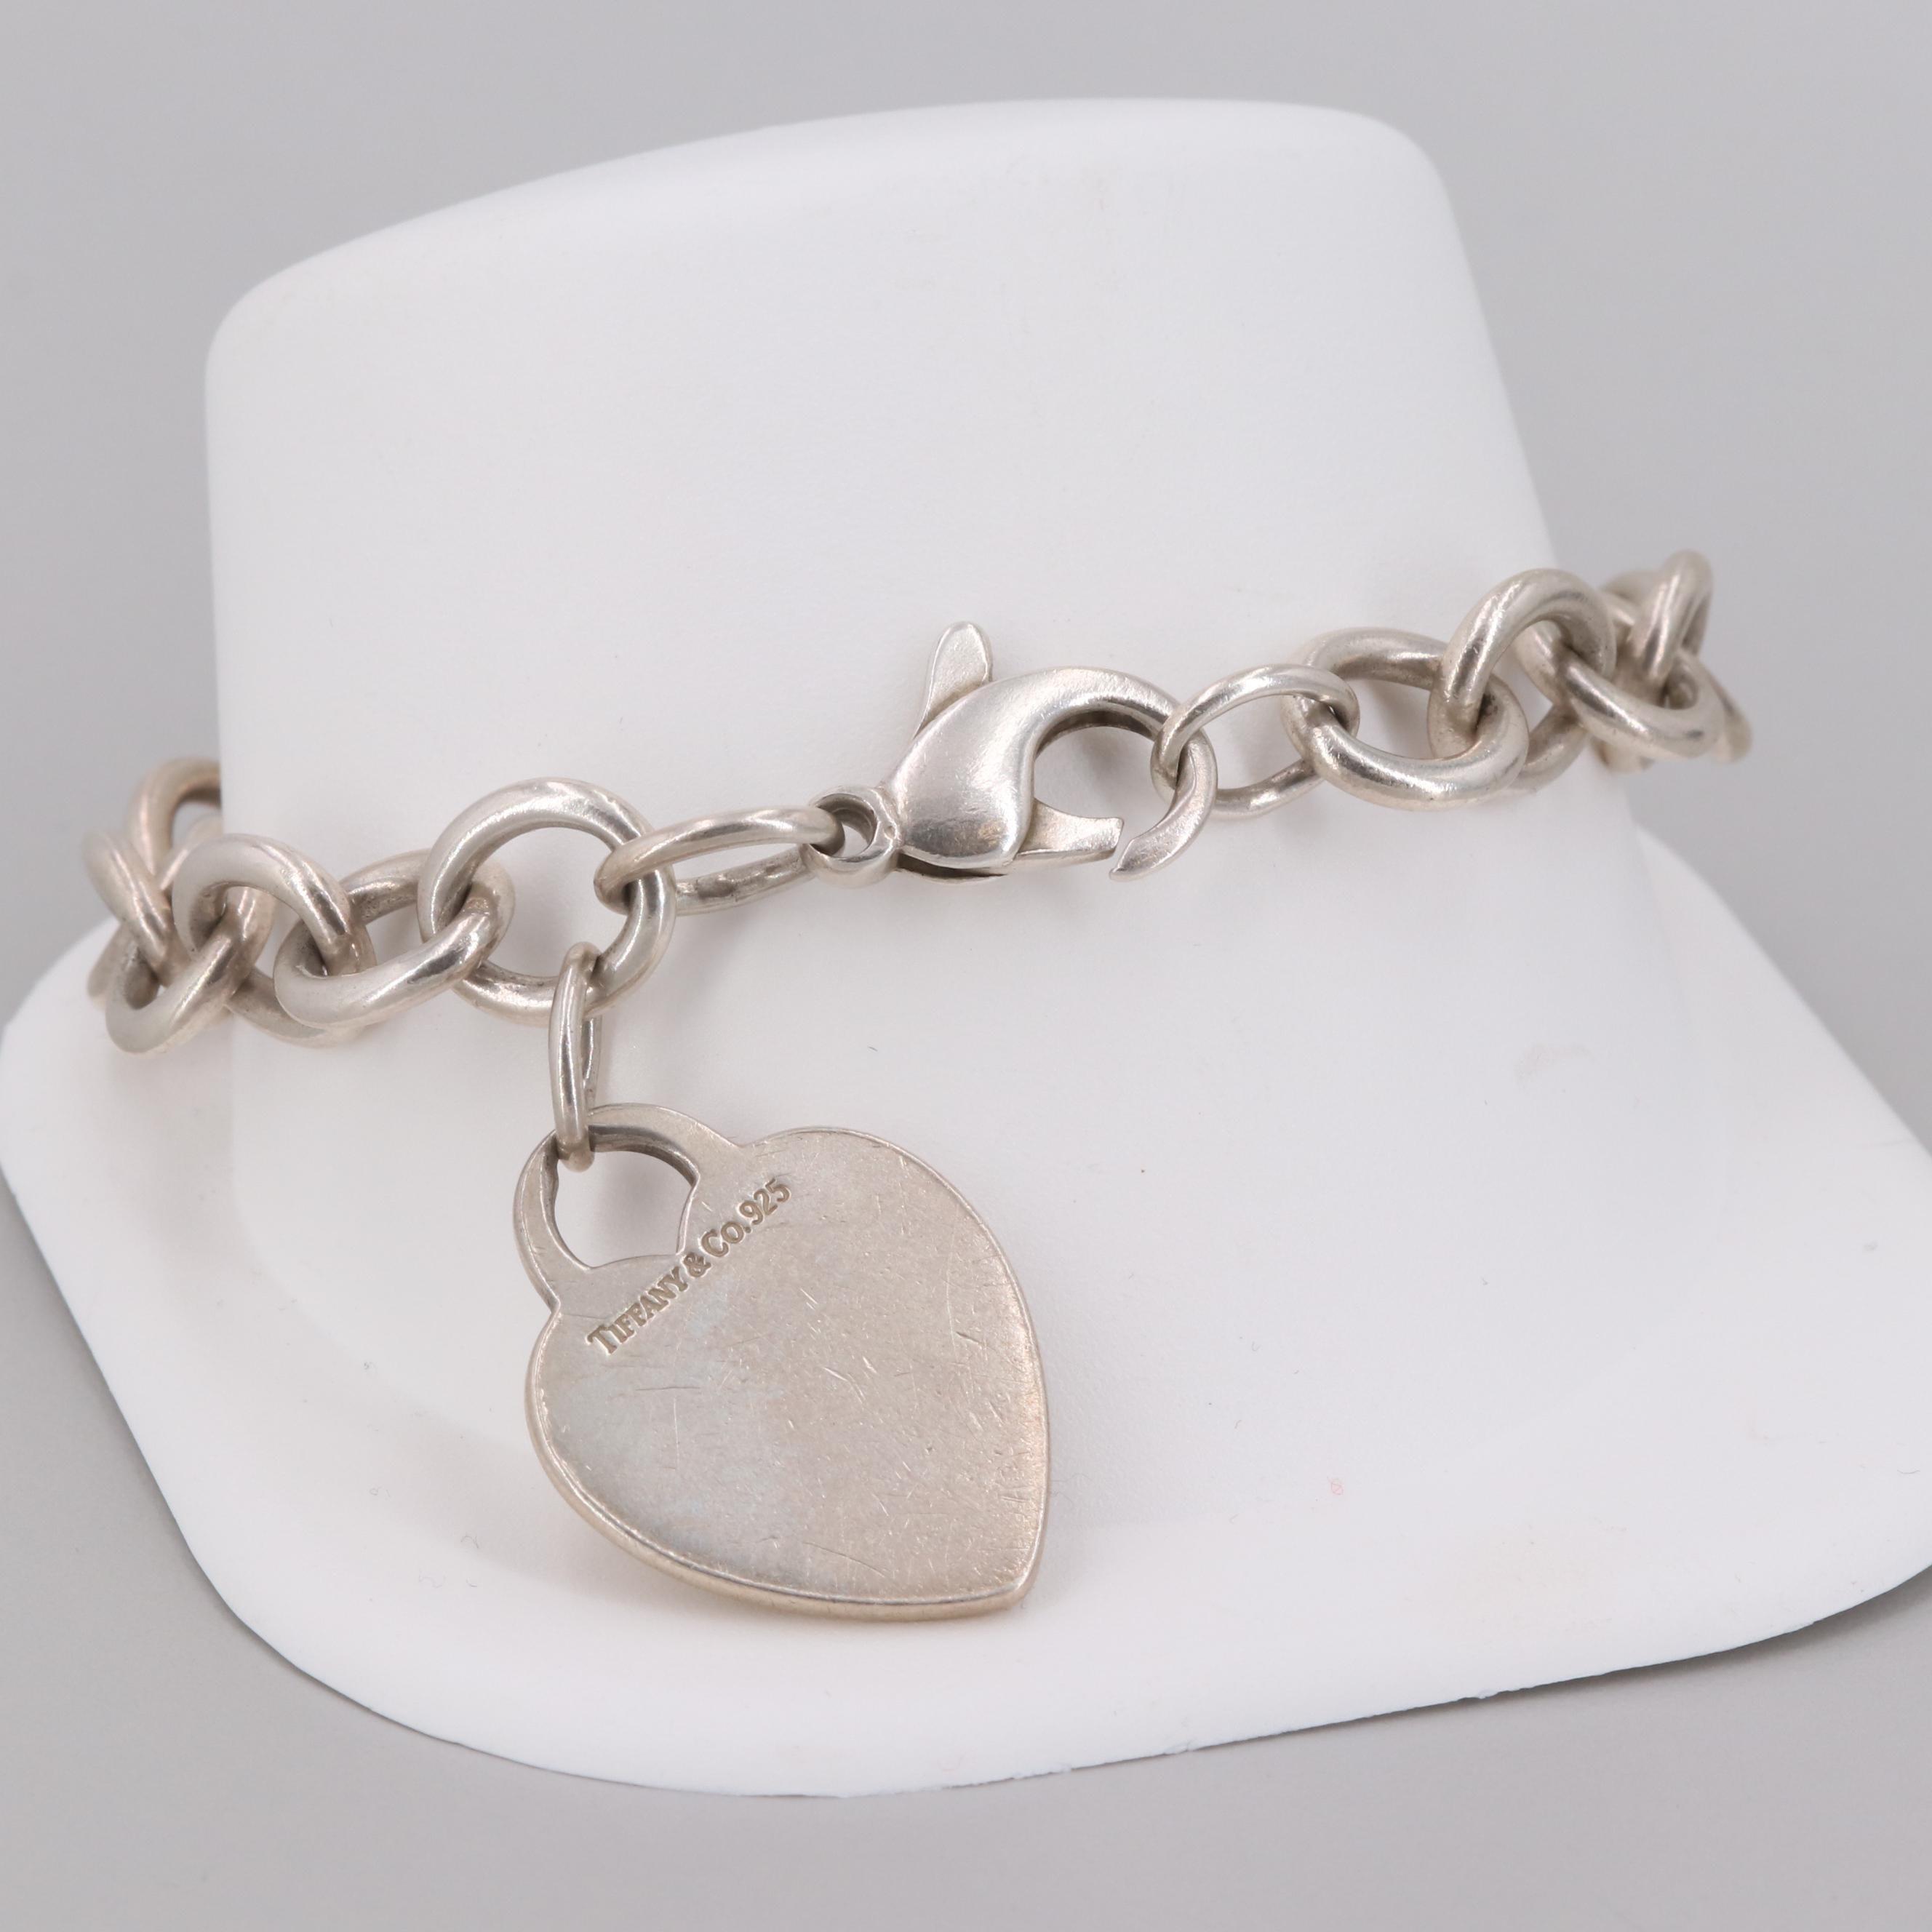 Tiffany & Co. Sterling Silver Heart Shaped Charm Bracelet